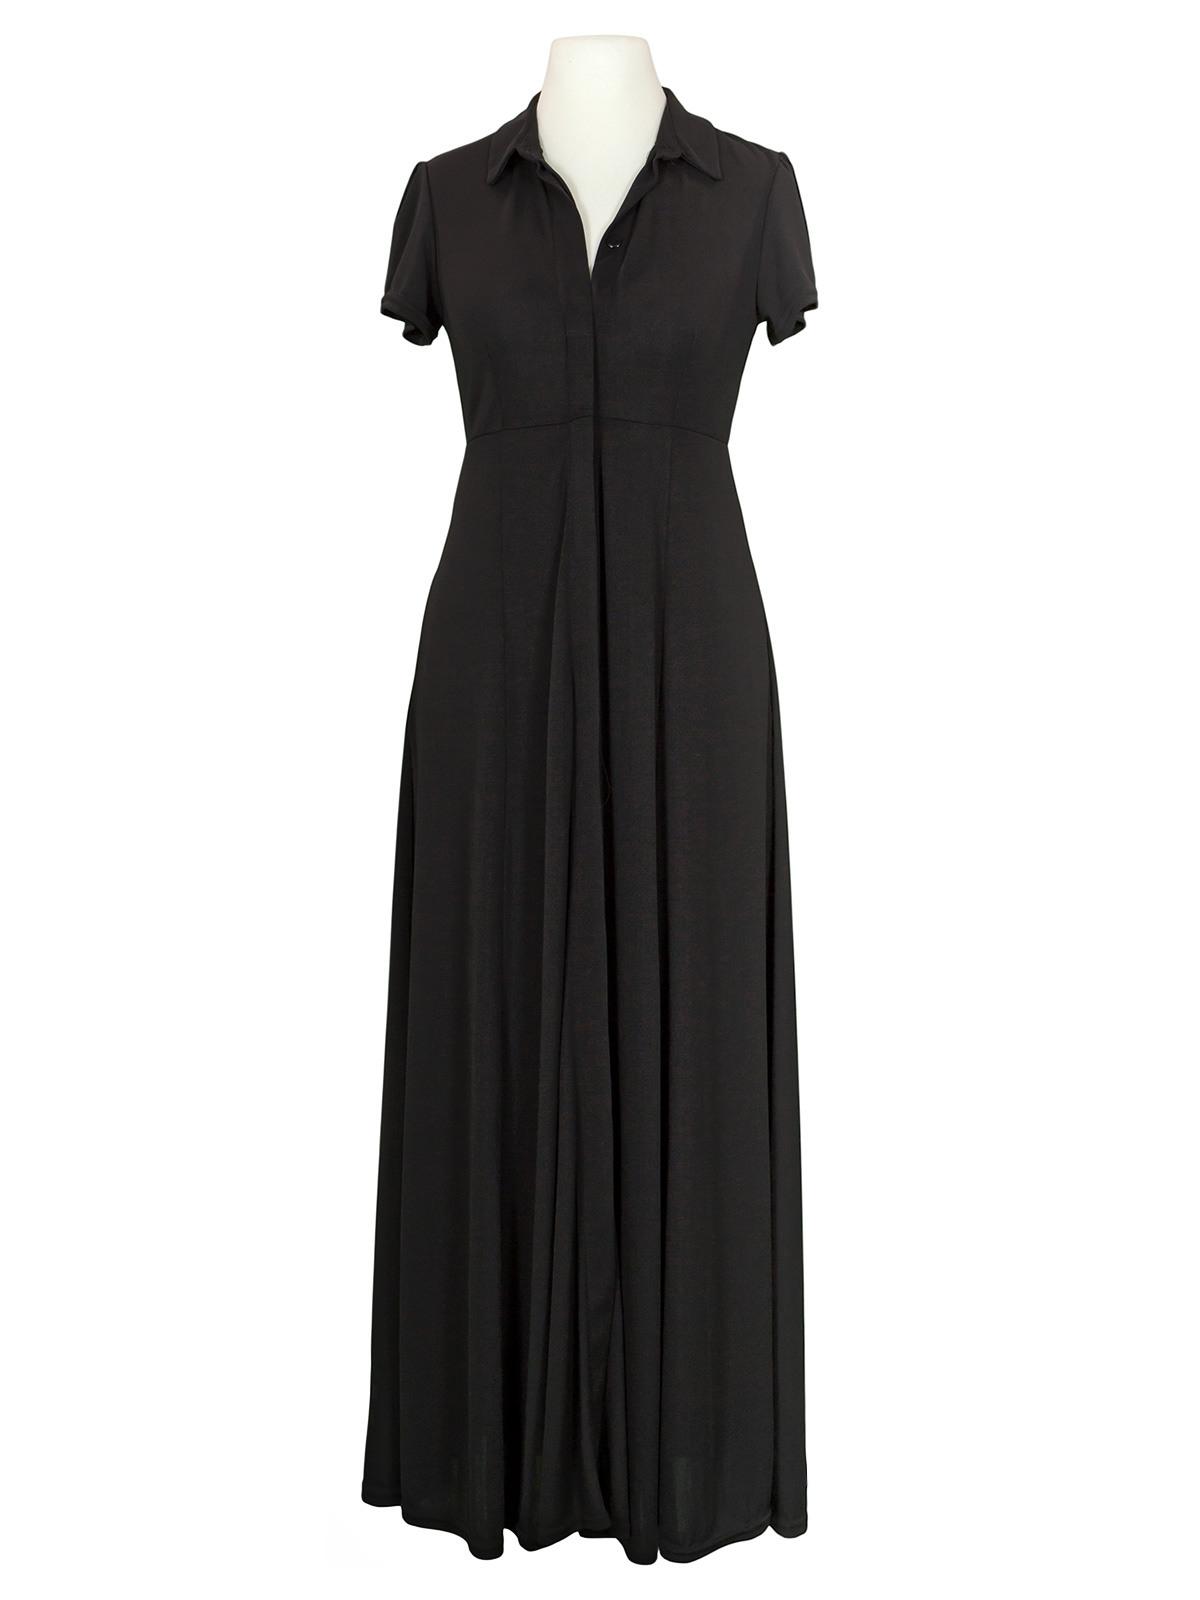 15 Luxurius Abendkleid Jersey Lang Bester Preis15 Schön Abendkleid Jersey Lang Ärmel